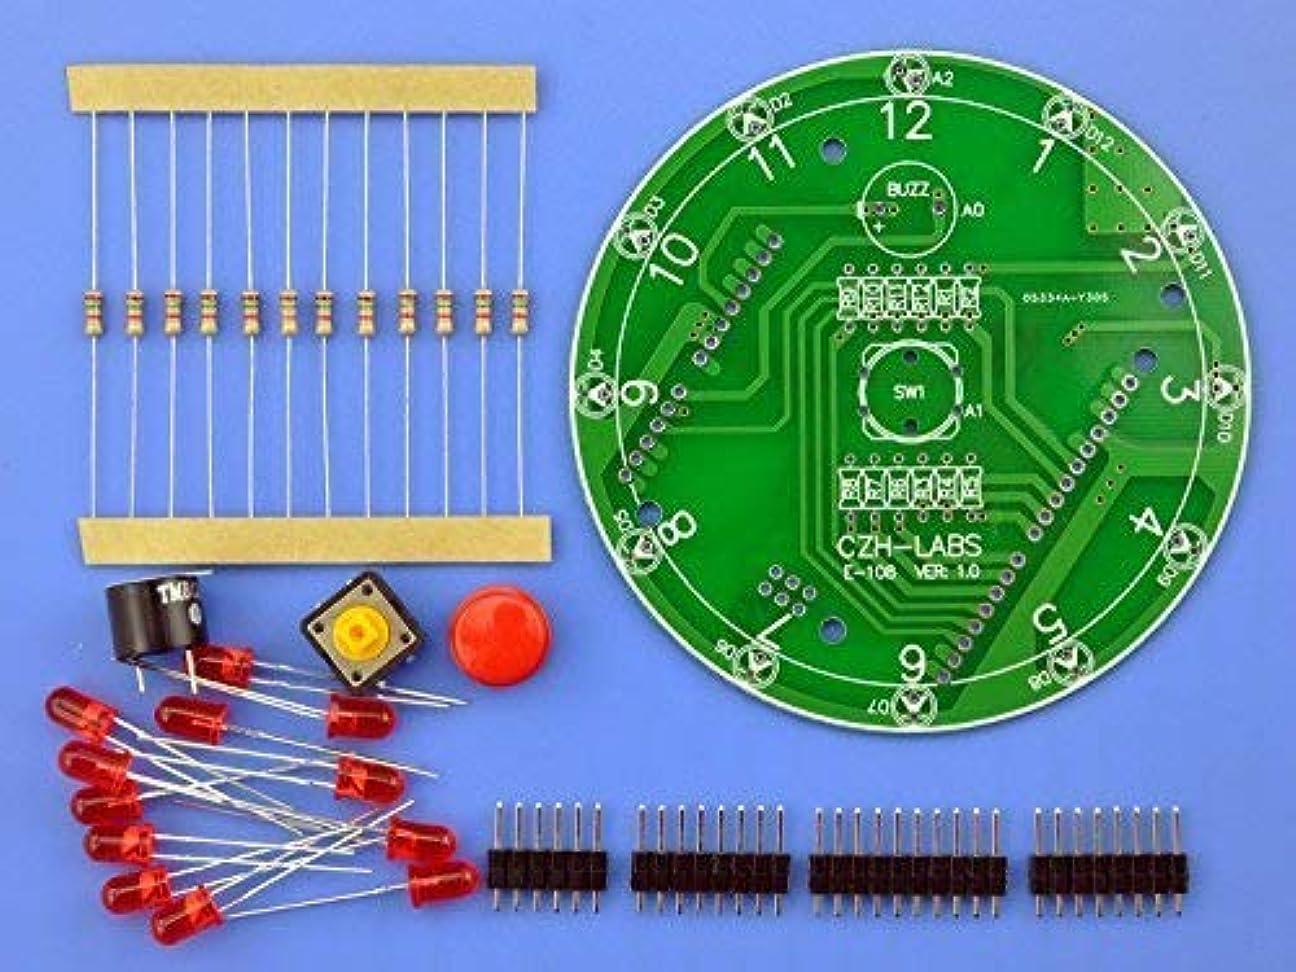 チューブ消毒する分注するCZH-LABS elecronics-サロン12位 Arduino UNO R3用 電子ラッキーロータリーボードキット主導しました